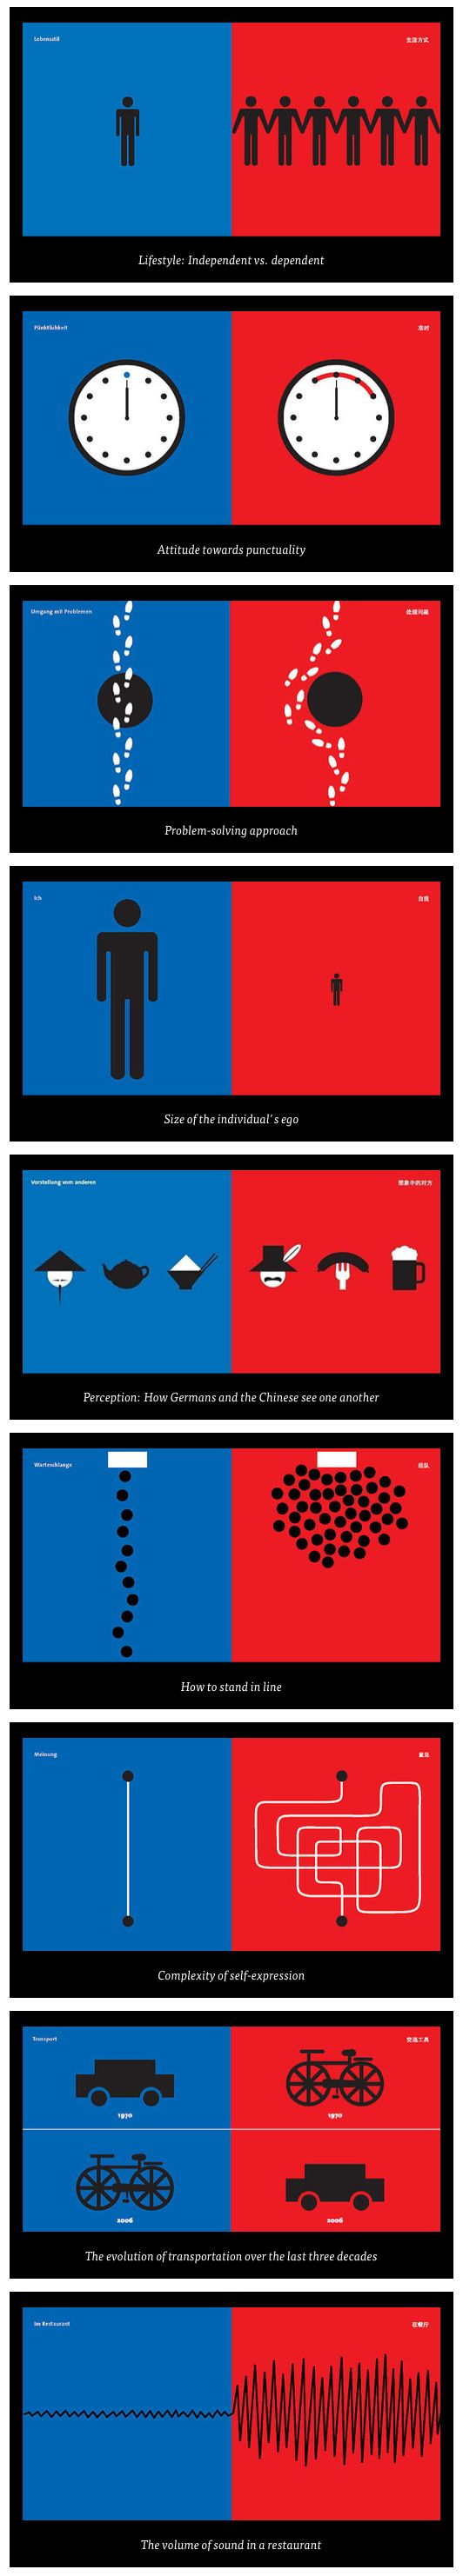 East Meets West: An Infographic Portrait | UX/UI Designer ...